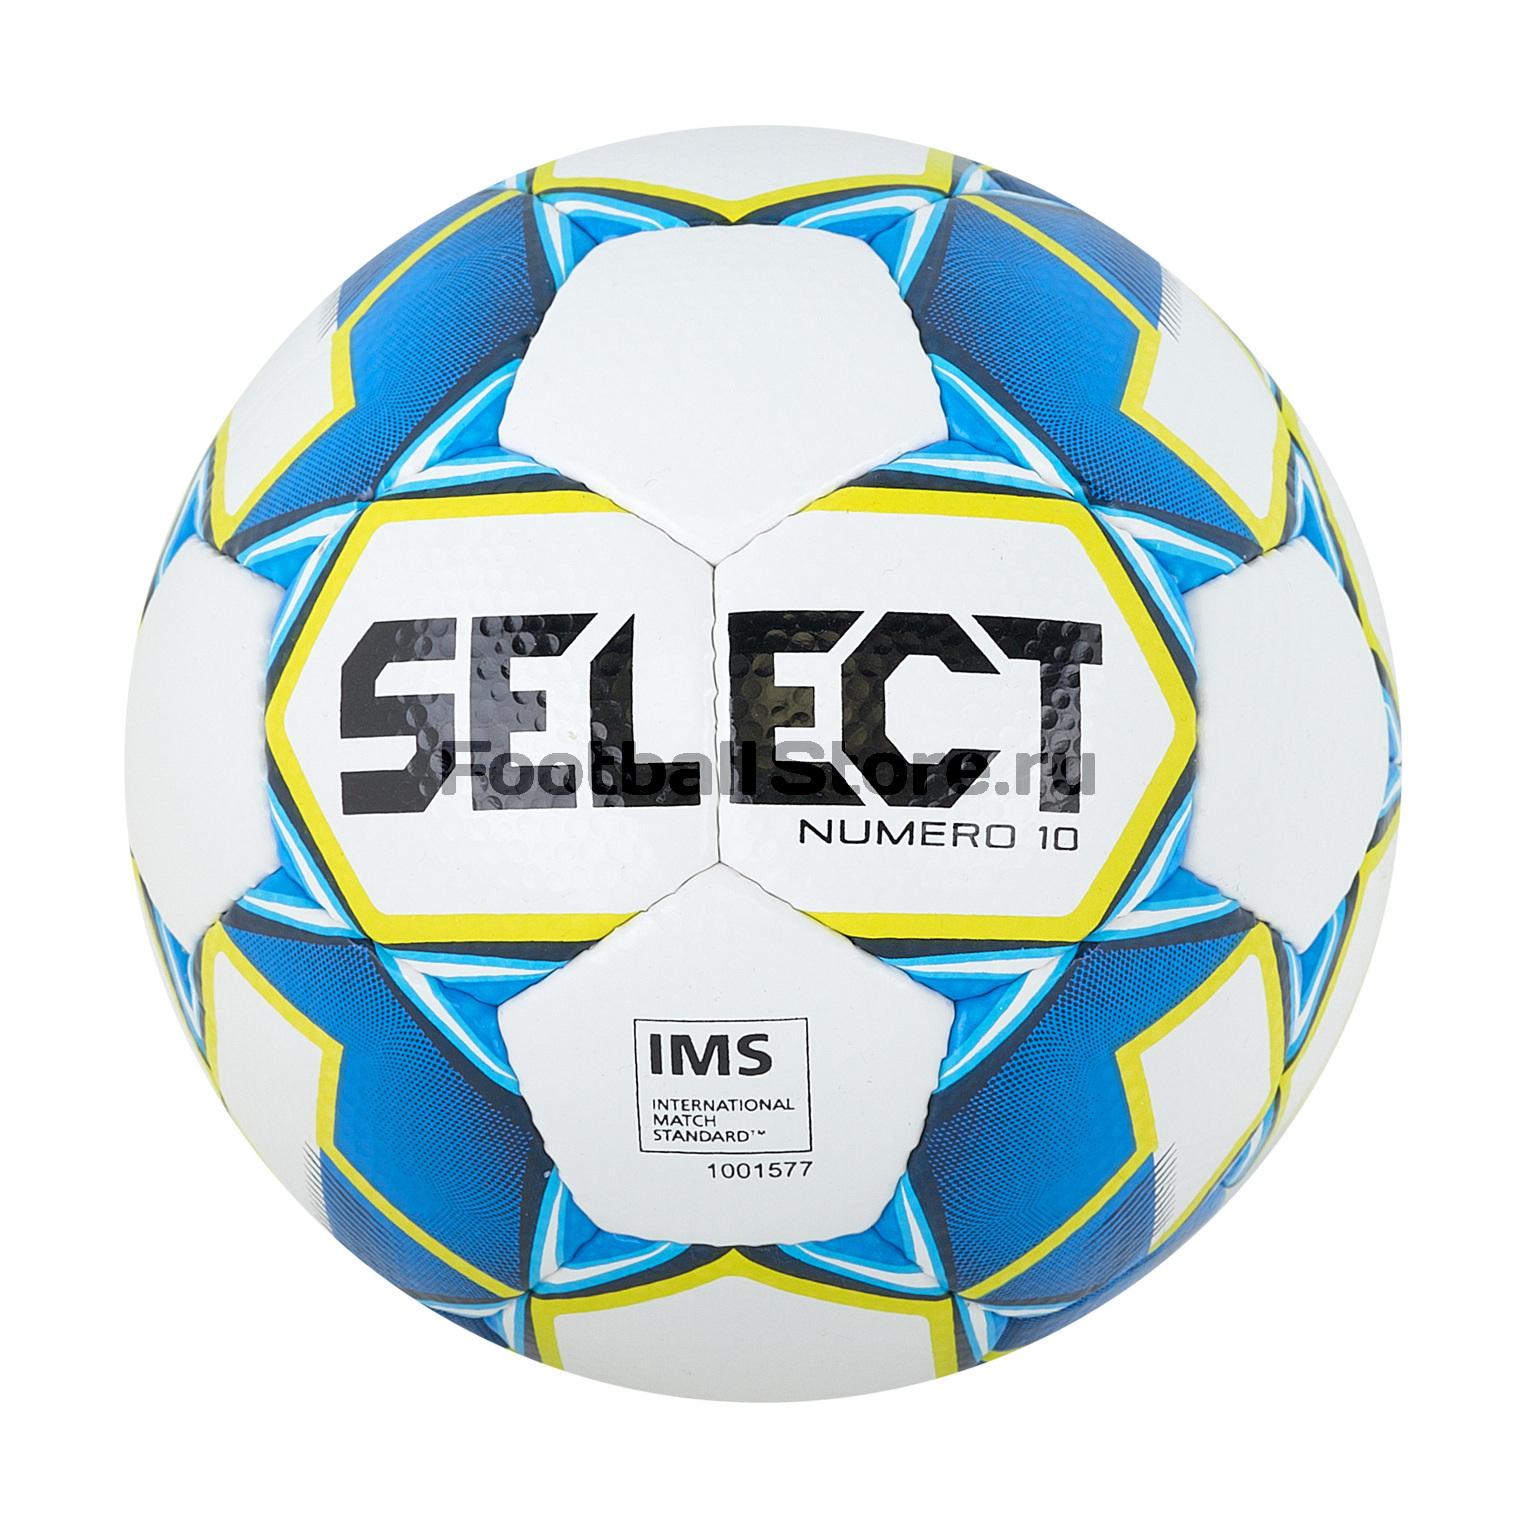 Футбольный мяч Select Numero 10 IMS 810508-102 ims 3190